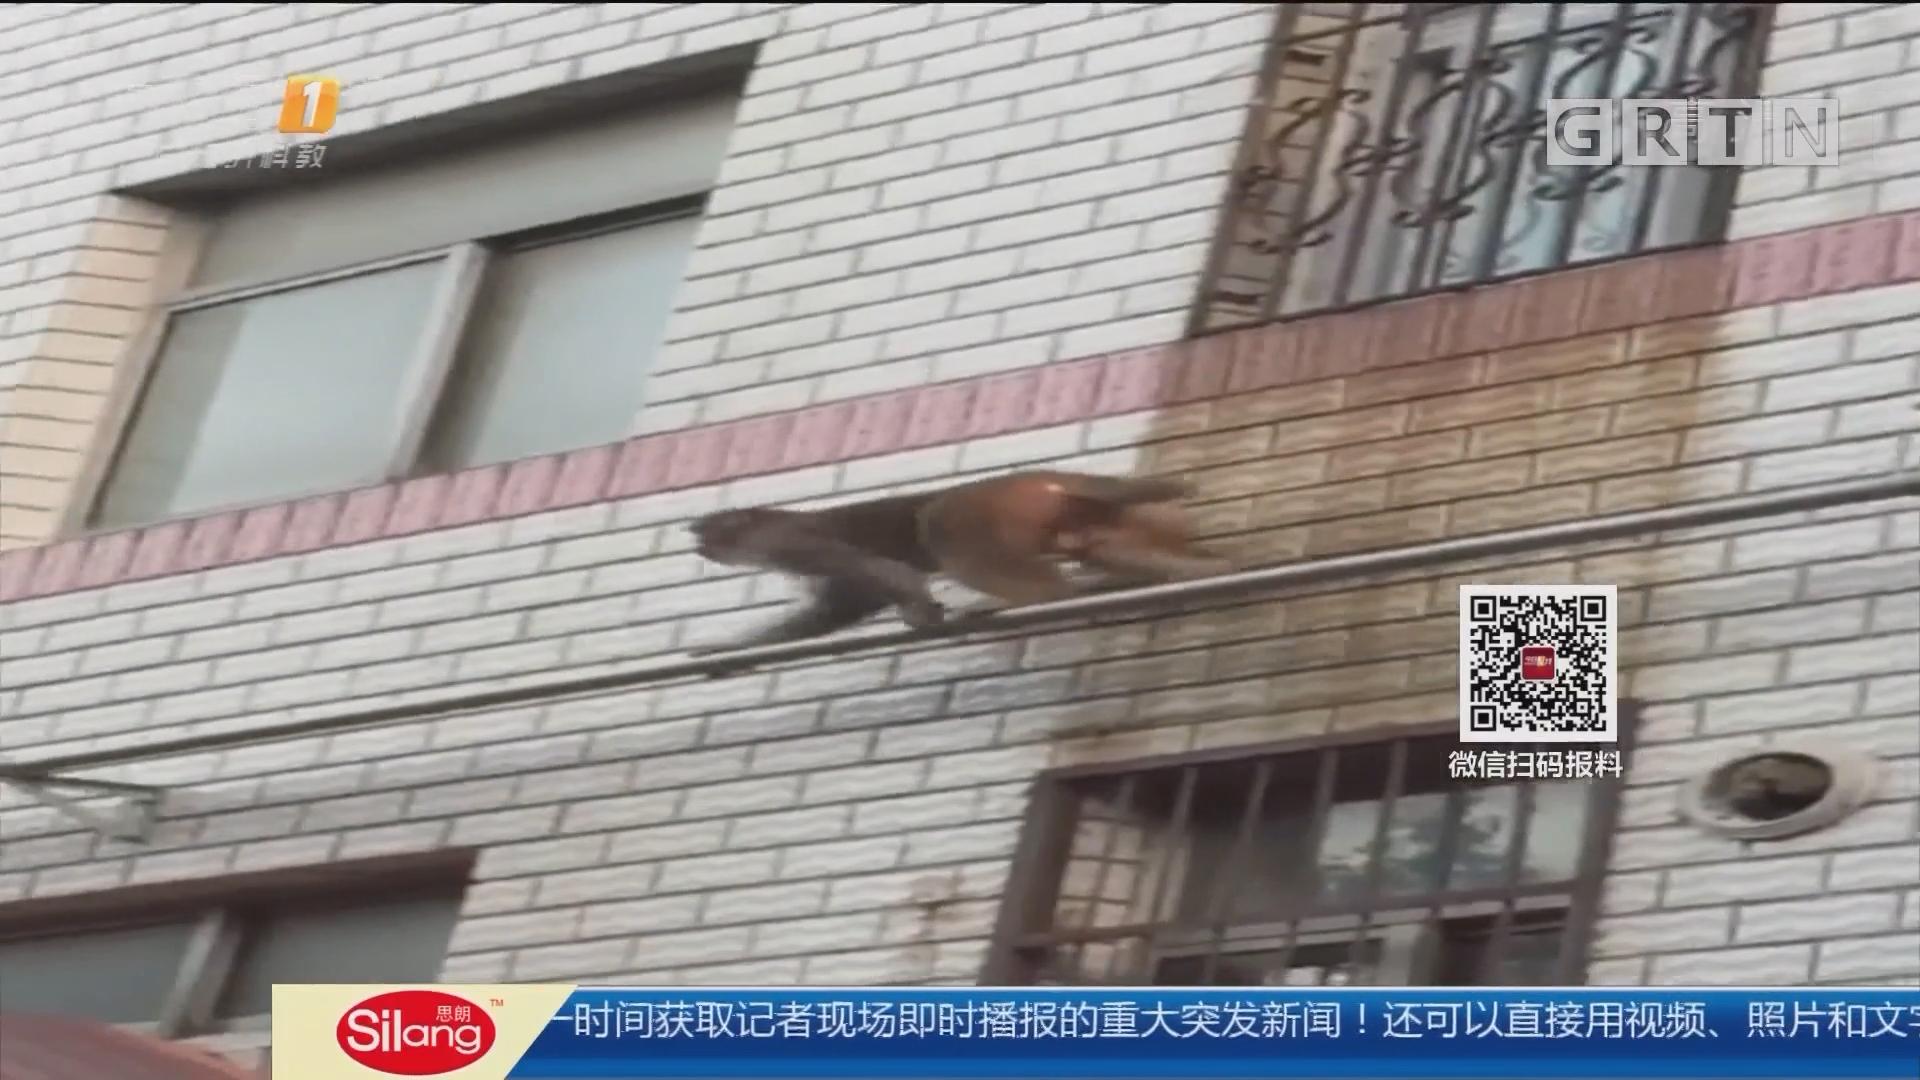 """江苏徐州:""""齐天大圣""""闯小区 警民合力围捕"""